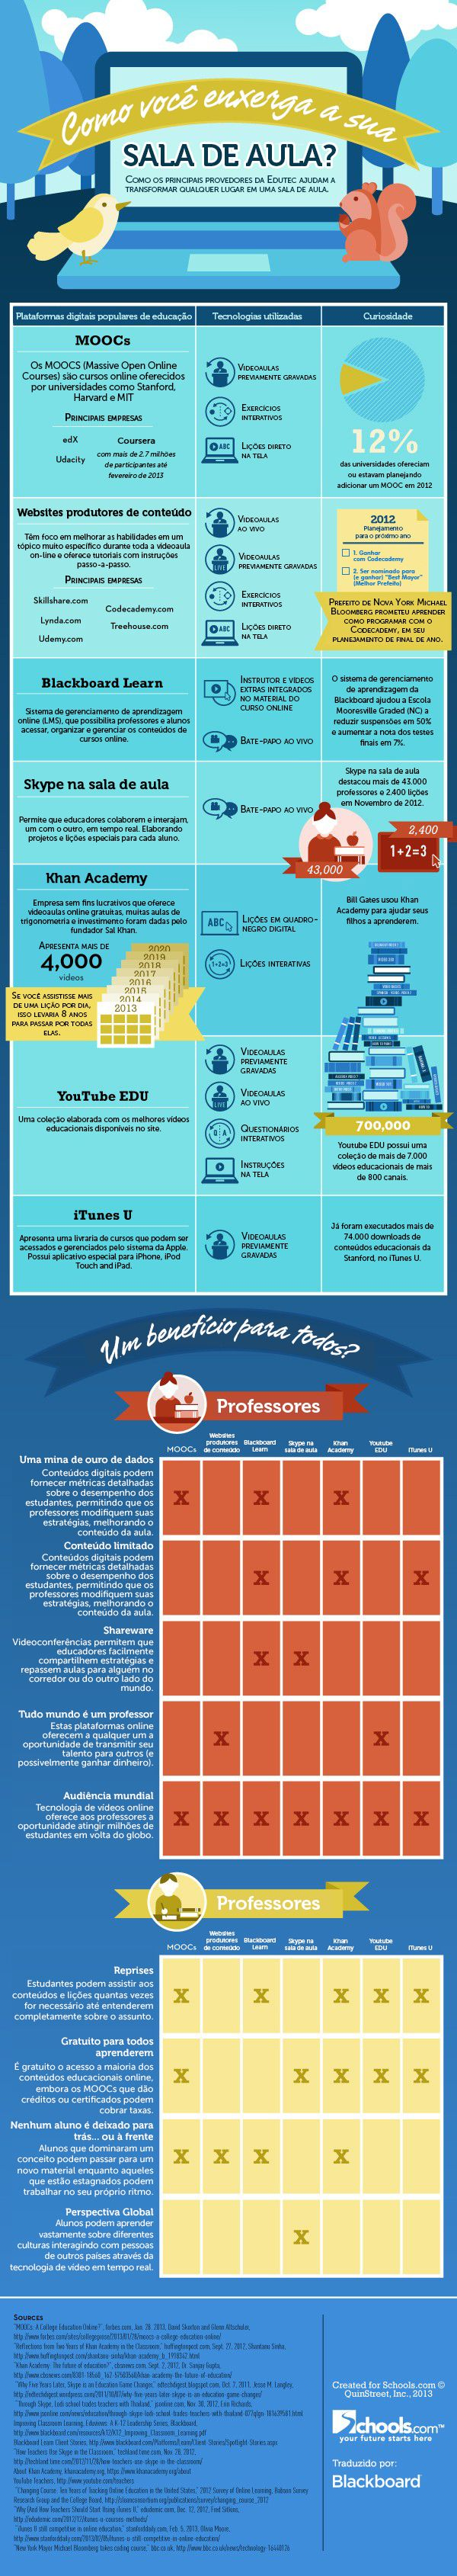 Arquivos Educação e Tecnologia - Página 43 de 62 - Blackboard